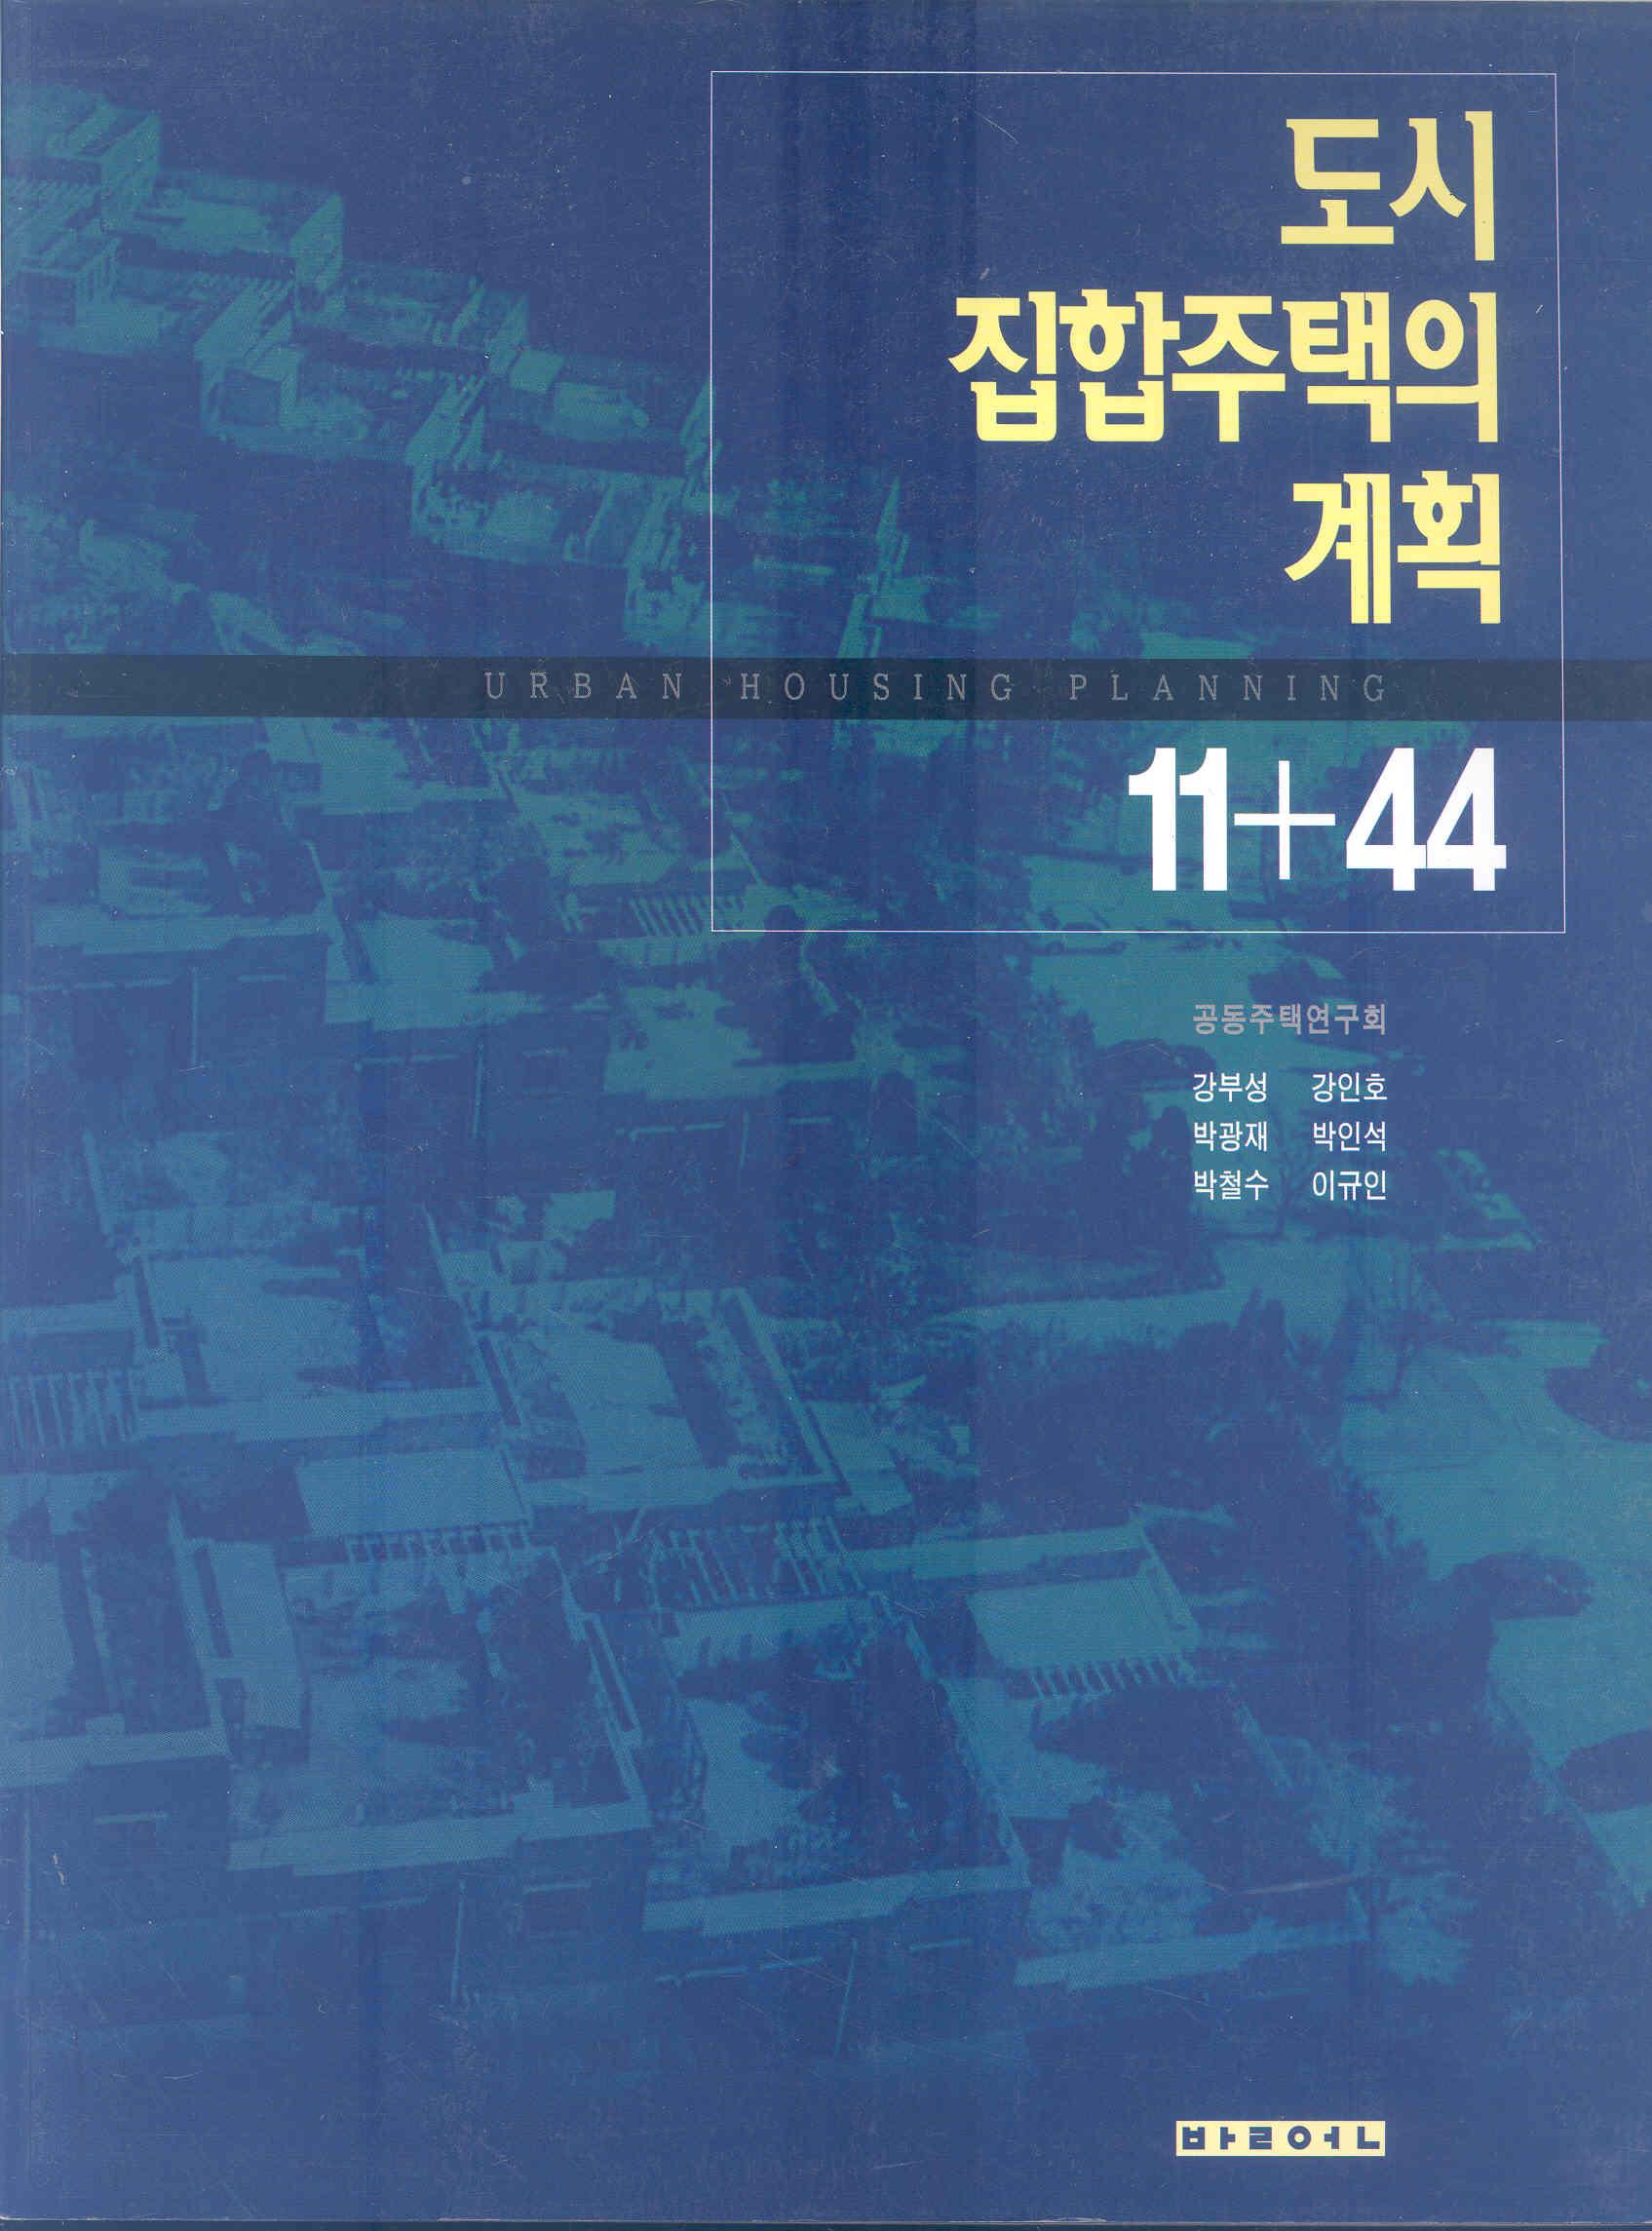 도시집합주택의 계획 11+44